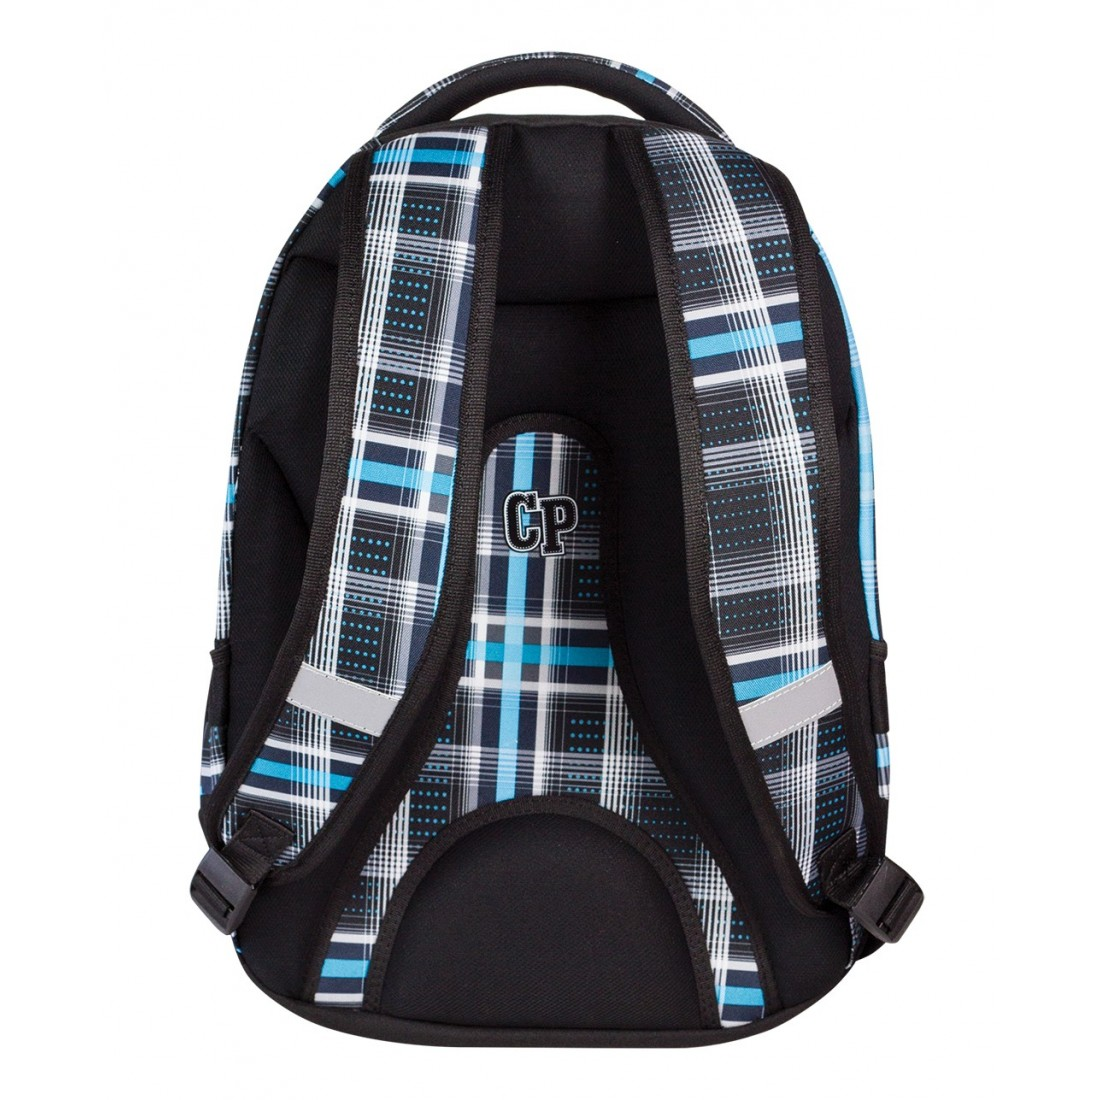 Plecak młodzieżowy CoolPack CP czarny i niebieski w kratkę - 5 przegród COLLEGE SPORTY 448 - plecak-tornister.pl